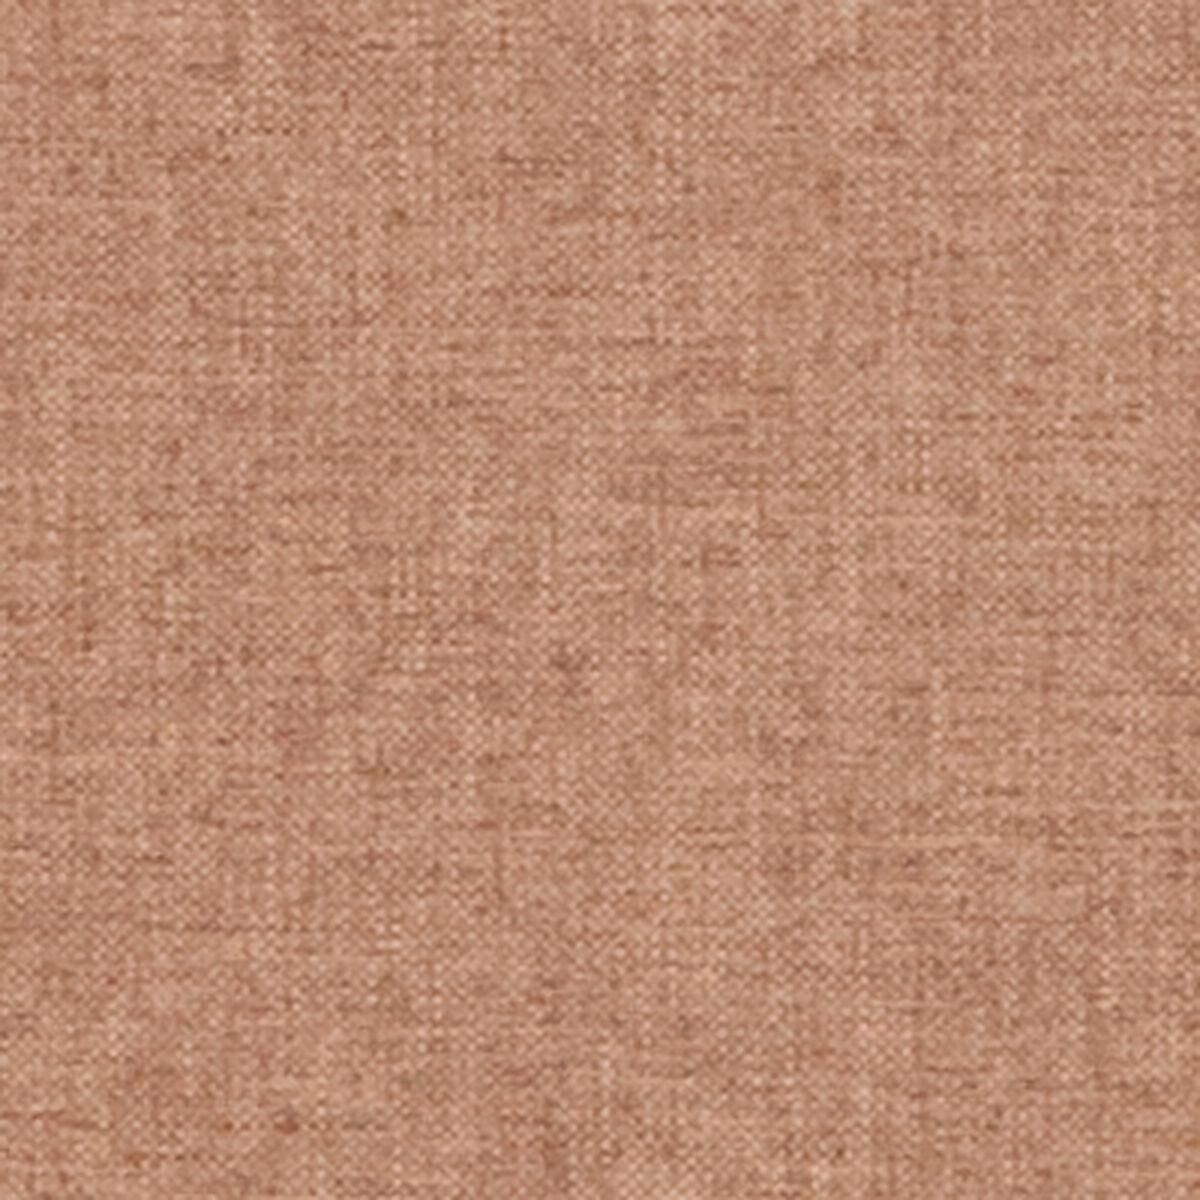 caramel fabric church chair fd ch0221 4 cv bn gg churchchairs4less com